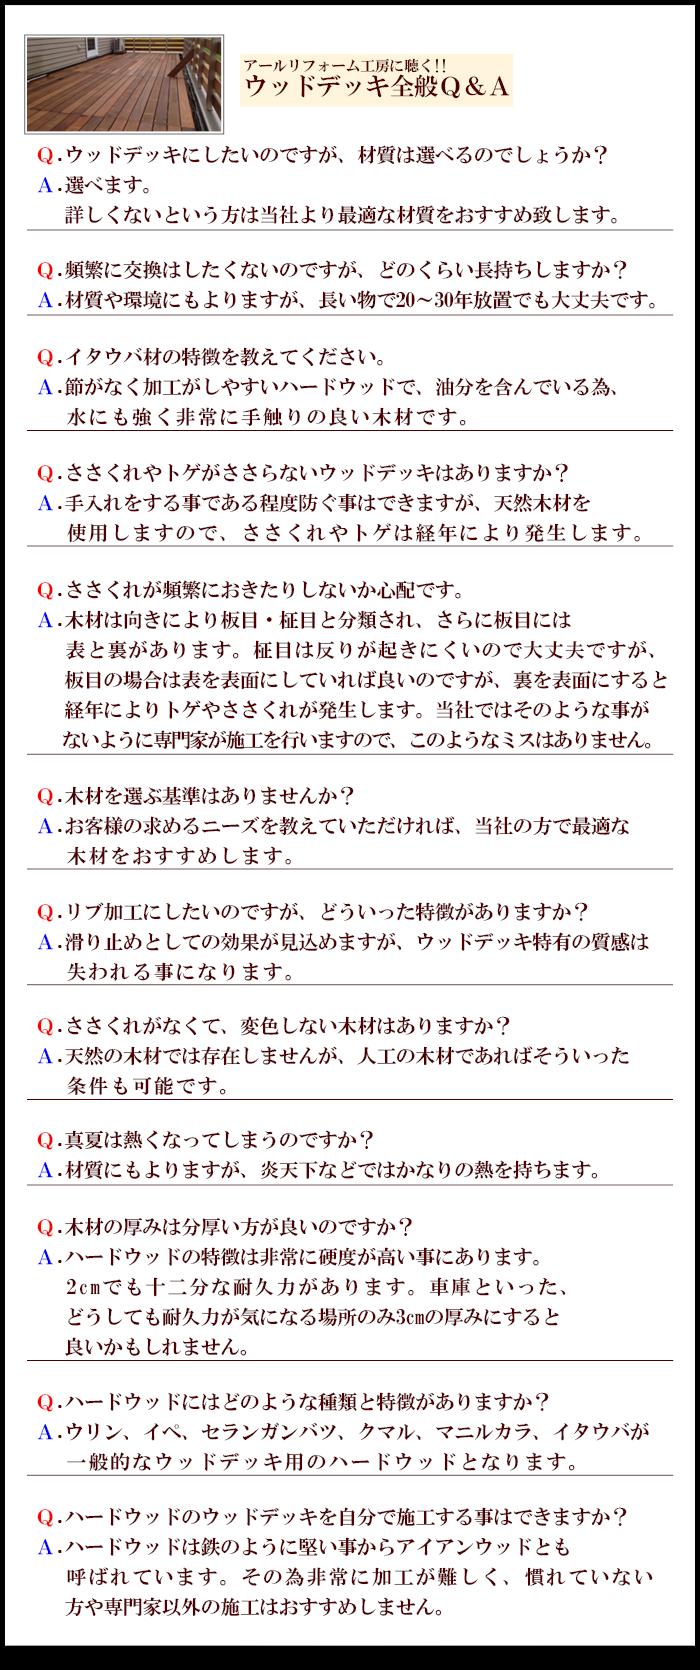 qa_wood